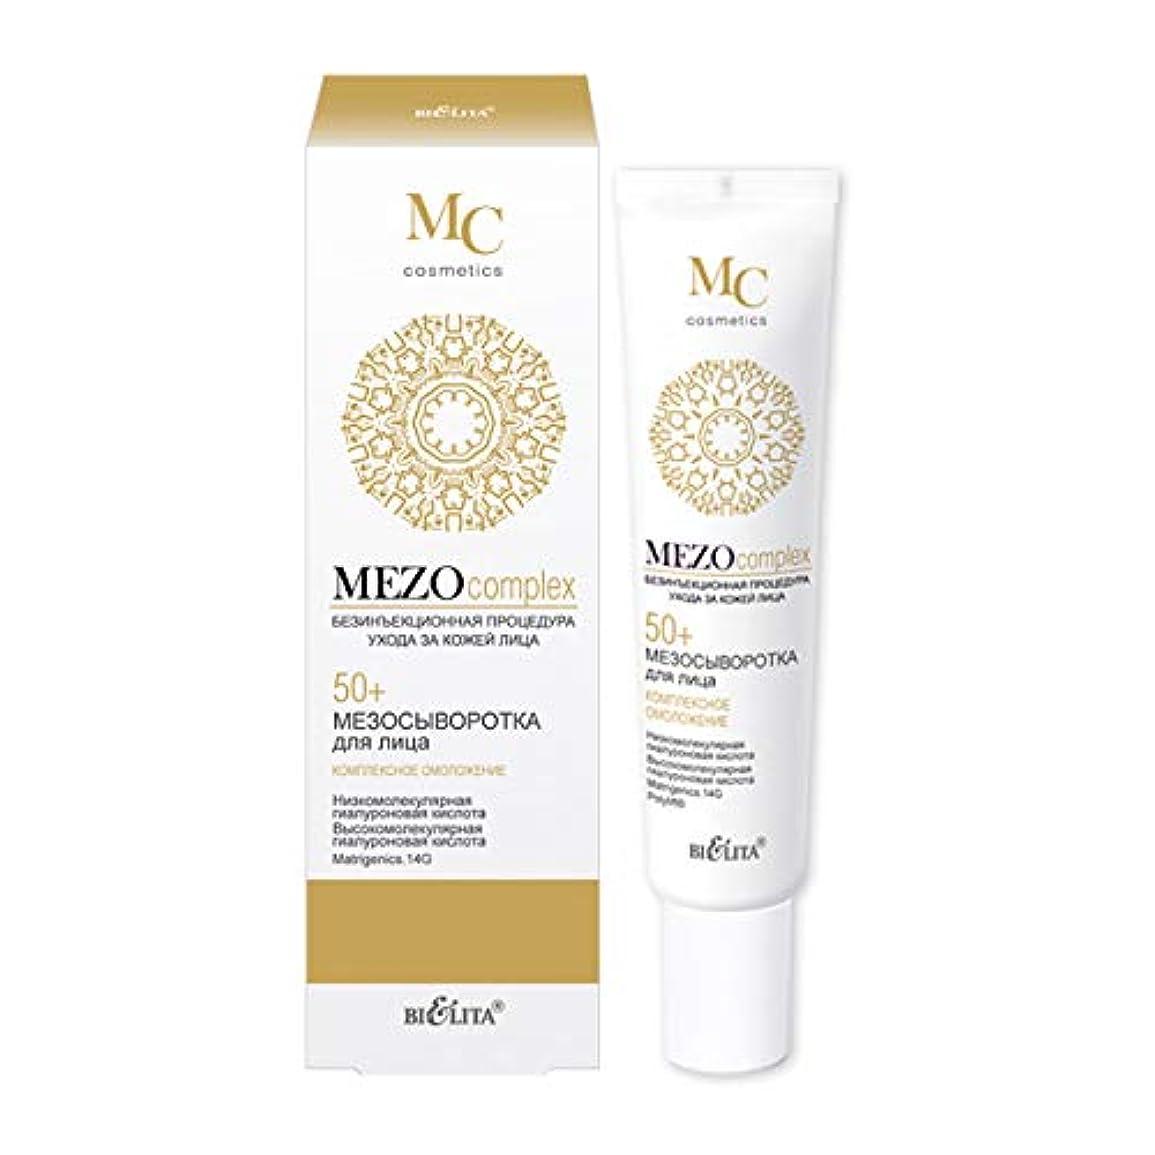 ラフトロードされた促進するMezo complex | Mezo Serum Complex 50+ | Non-injection facial skin care procedure | Hyaluronic acid | Matrigenics...